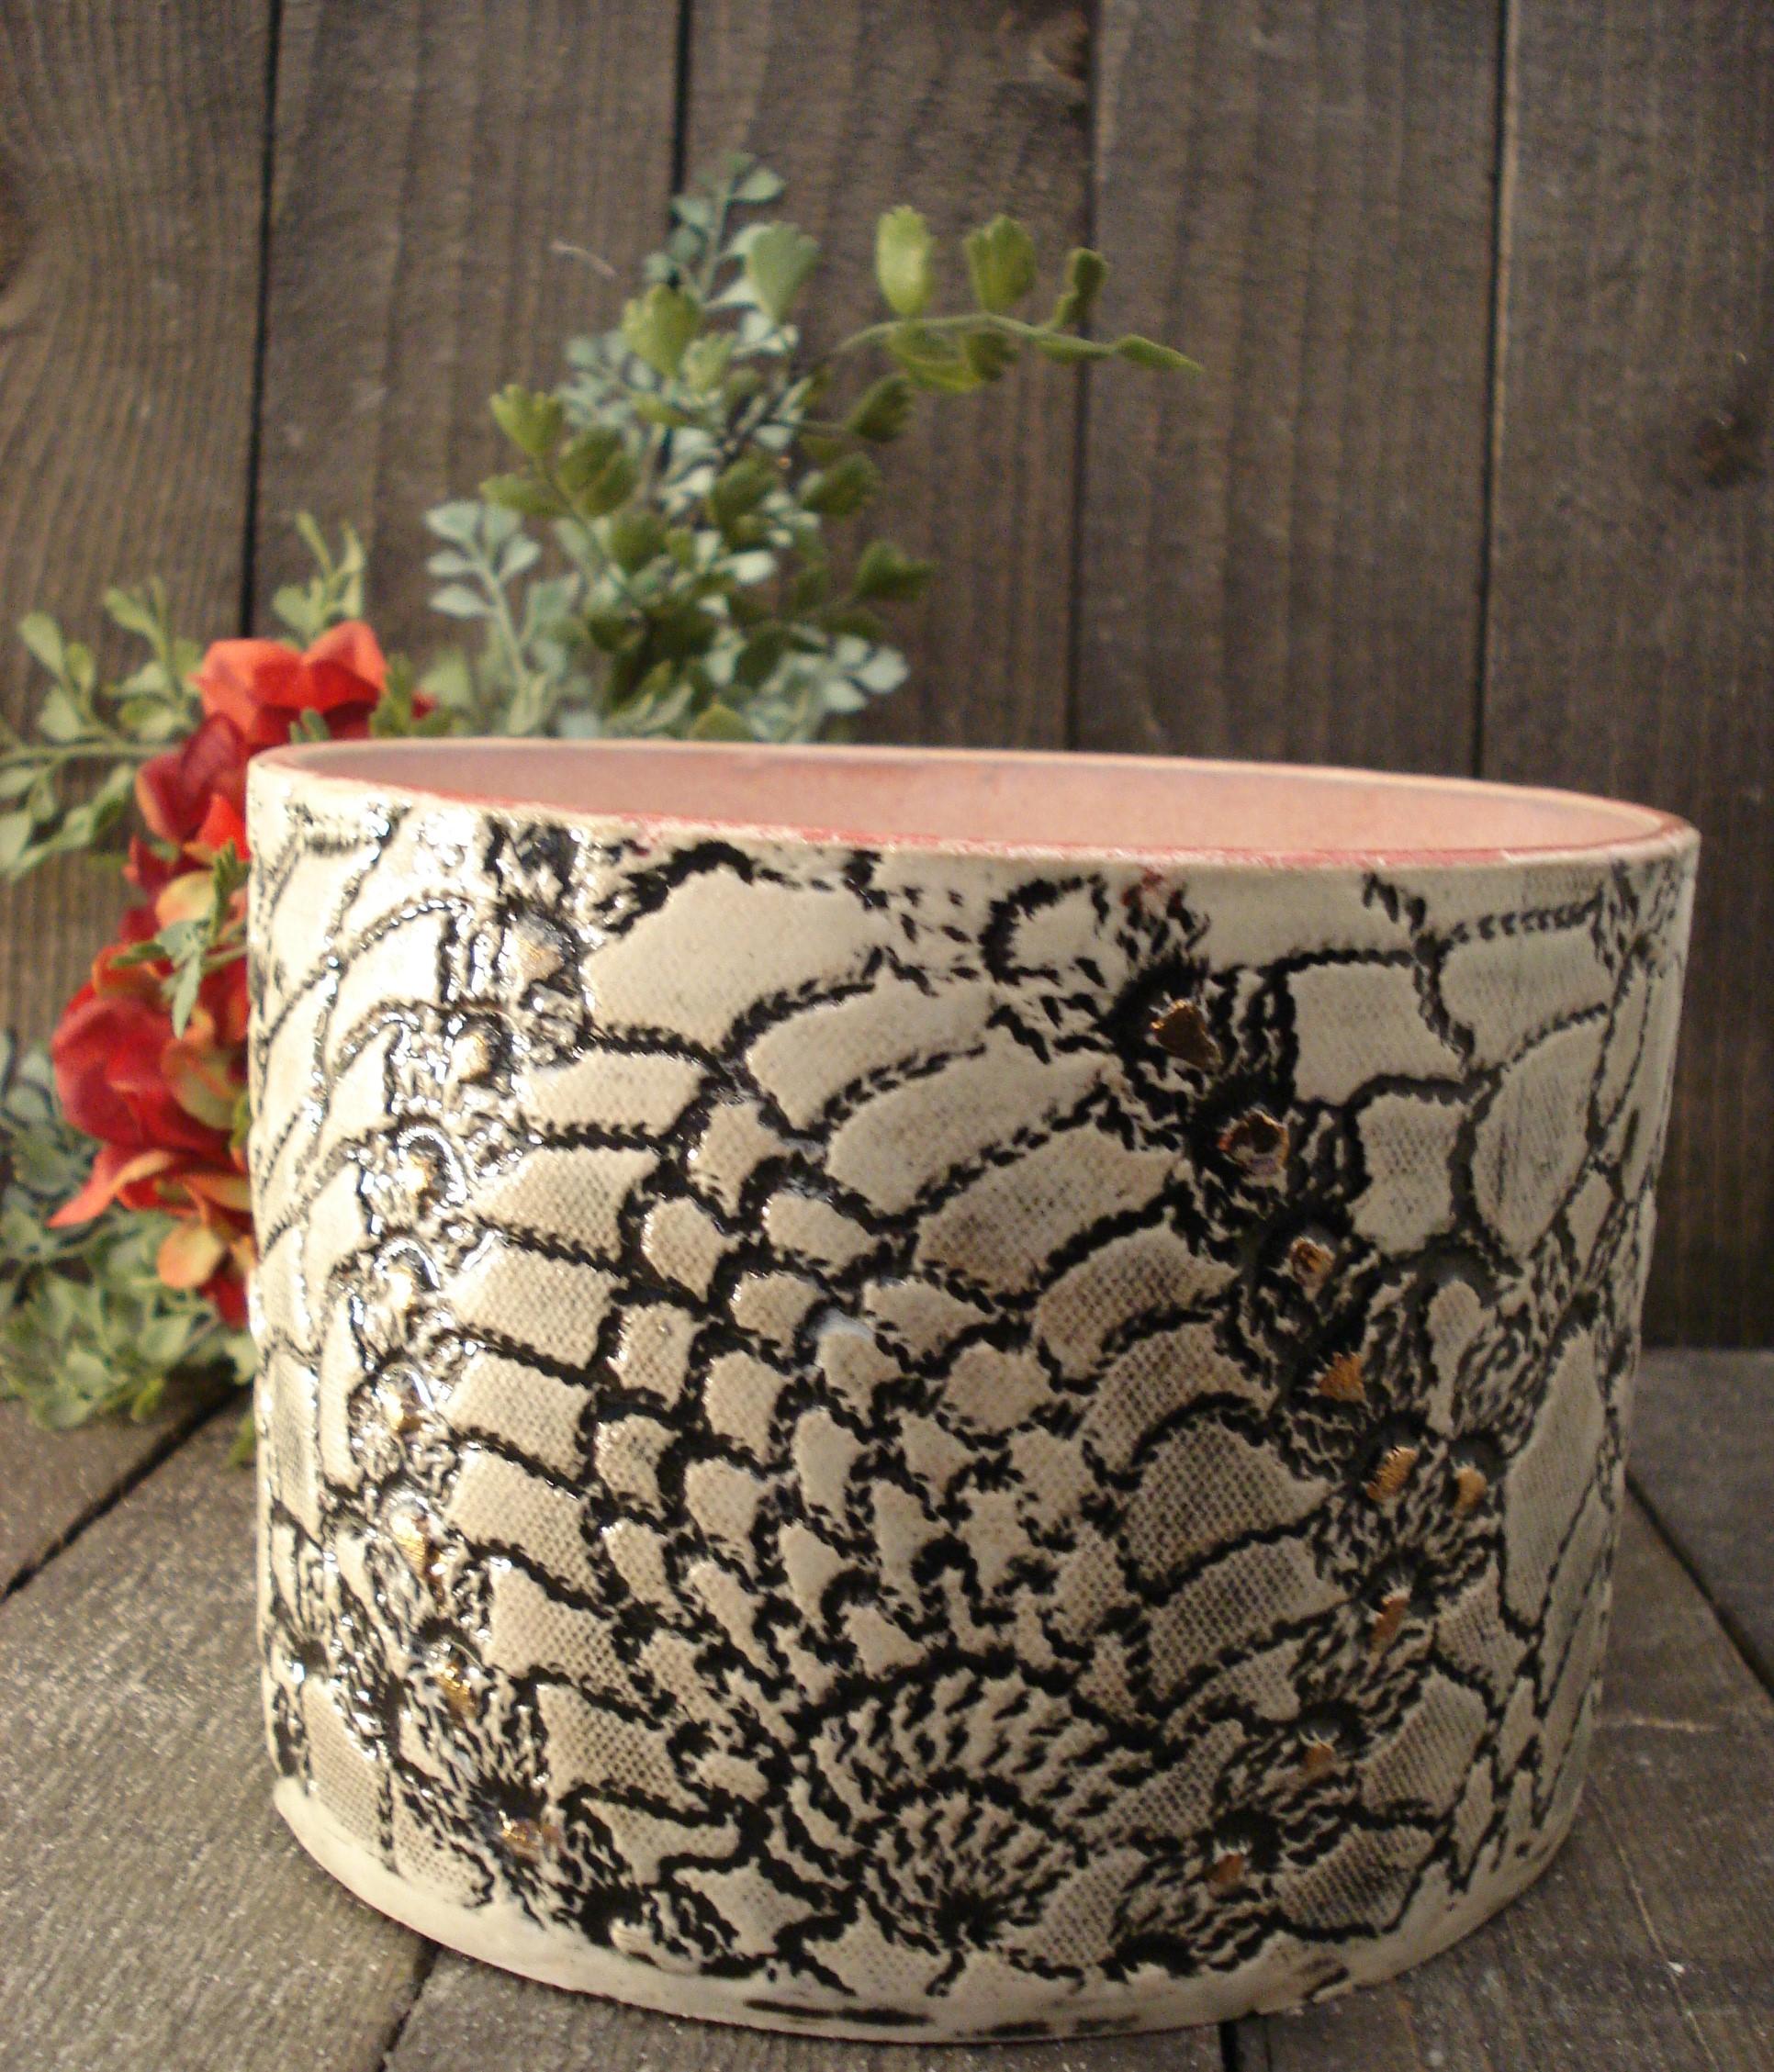 Lav keramik vase/skål i rød